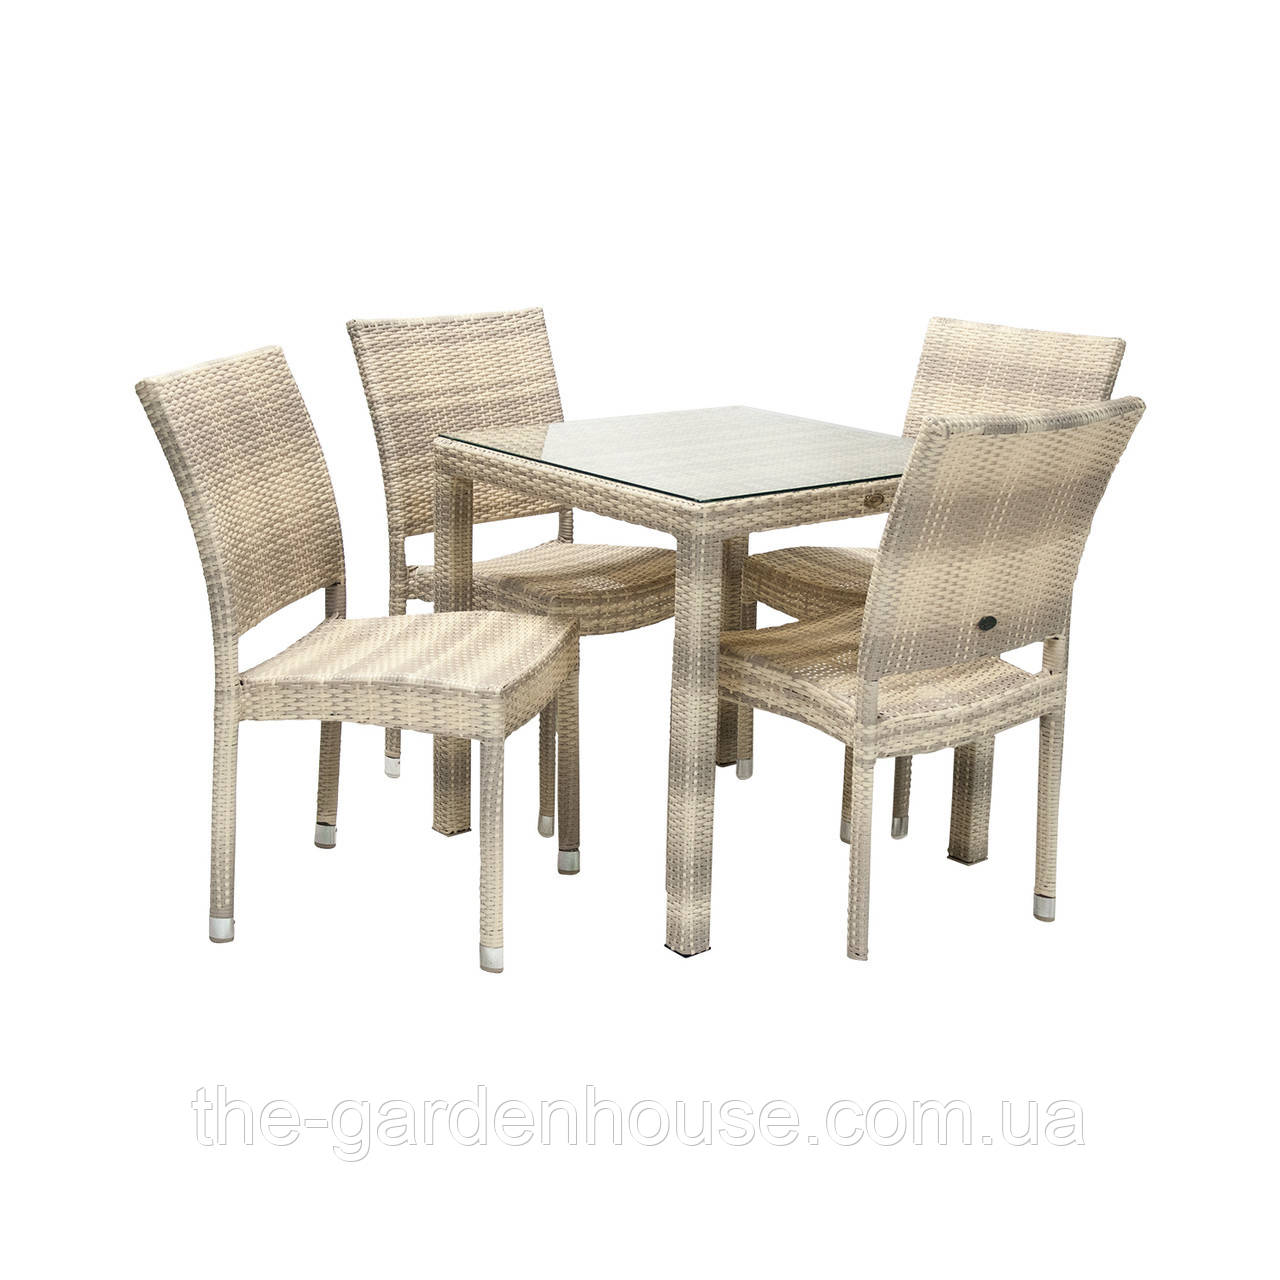 Столовый набор садовой мебели Викер из искусственного ротанга: стол и 4 стула светло-бежевый